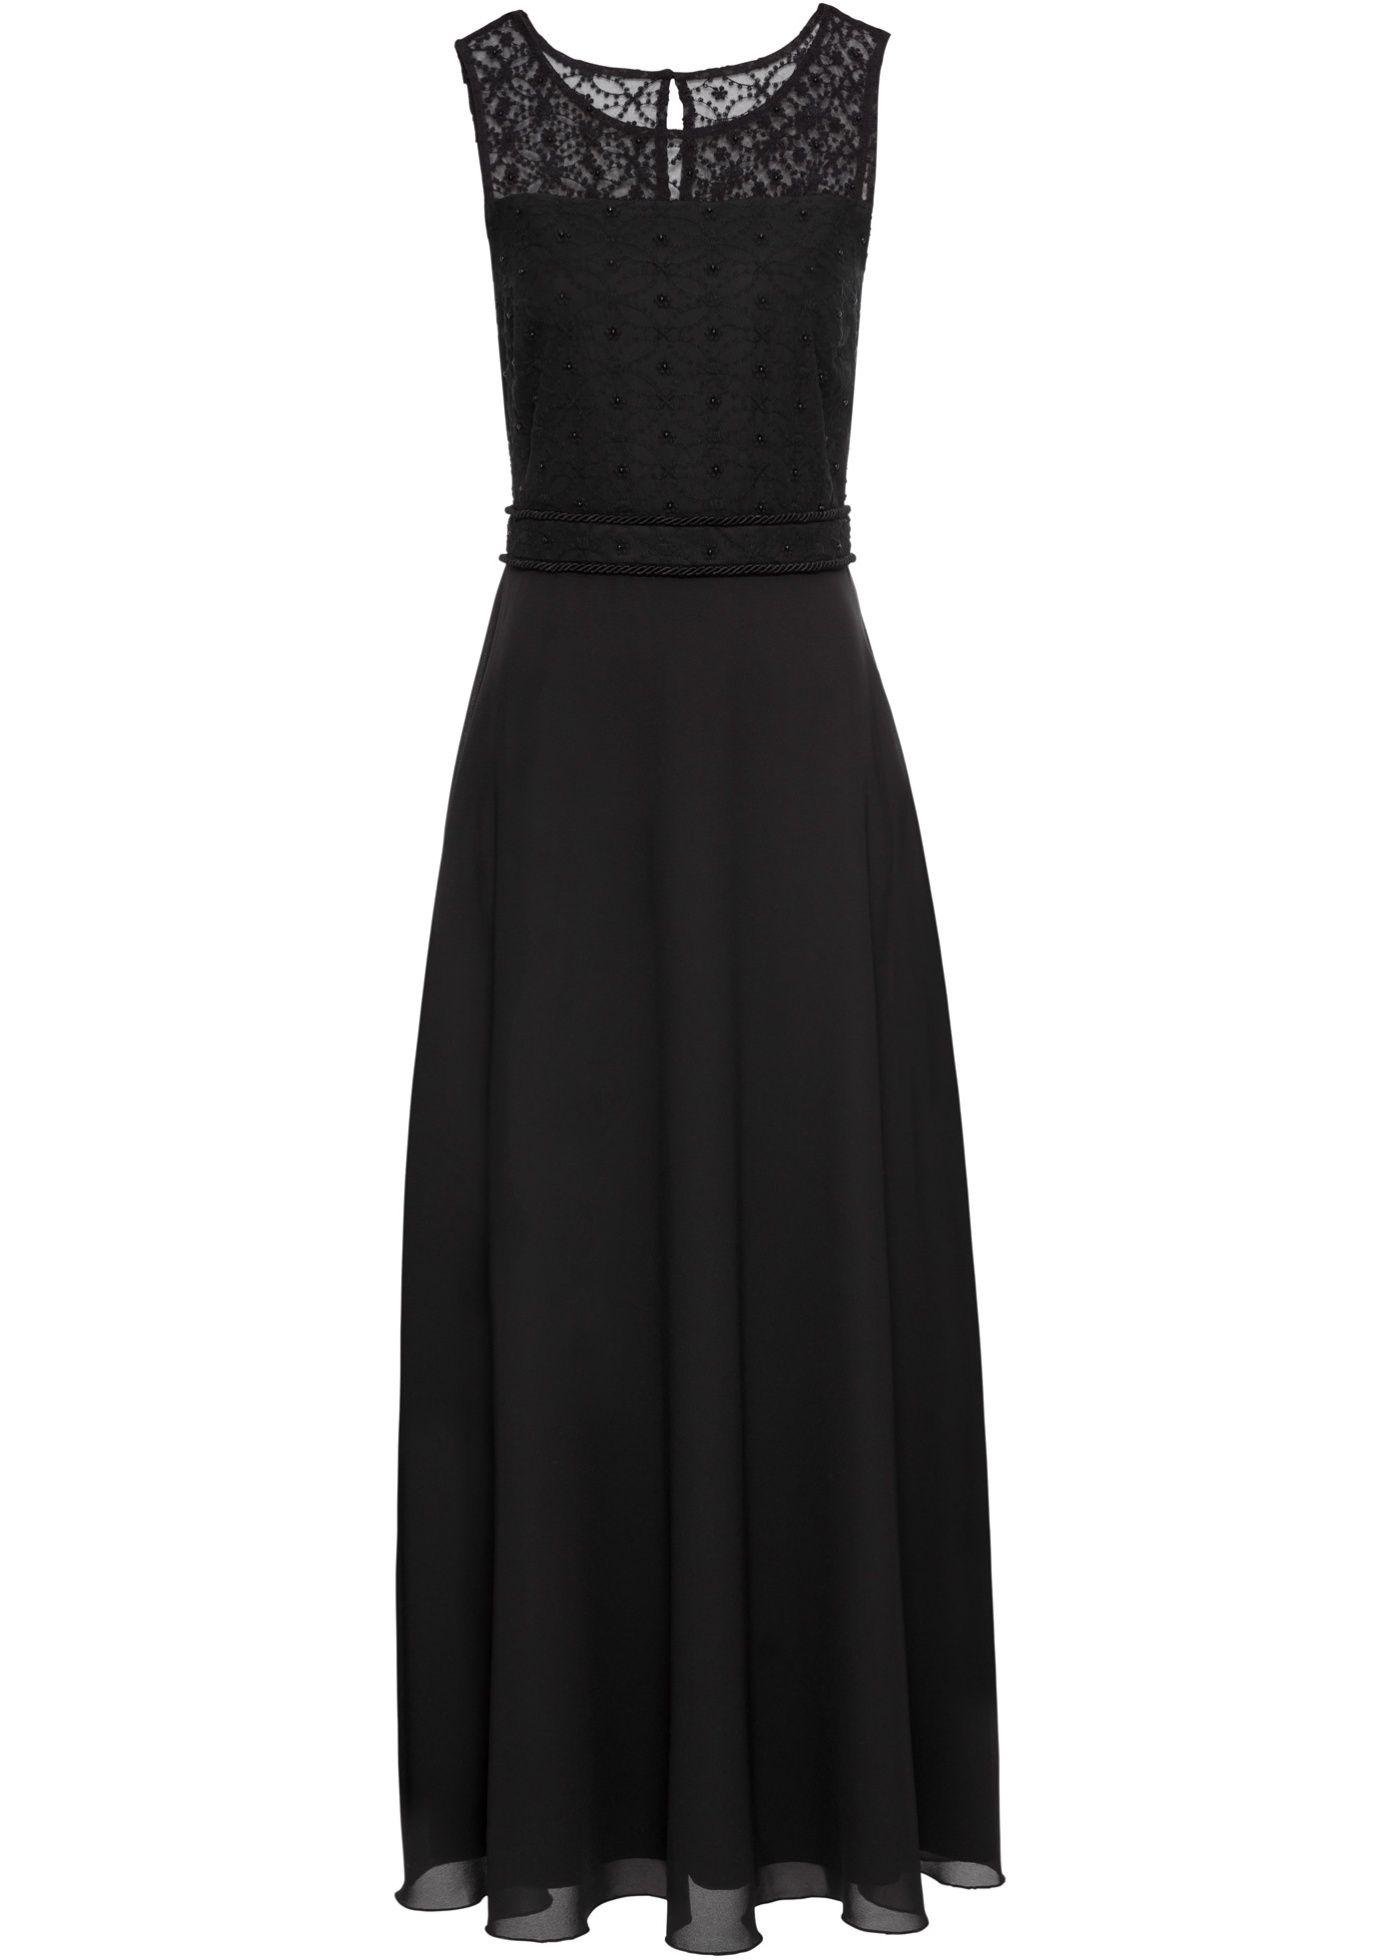 Abendkleid mit Pailletten, BODYFLIRT boutique | Abendkleid ...